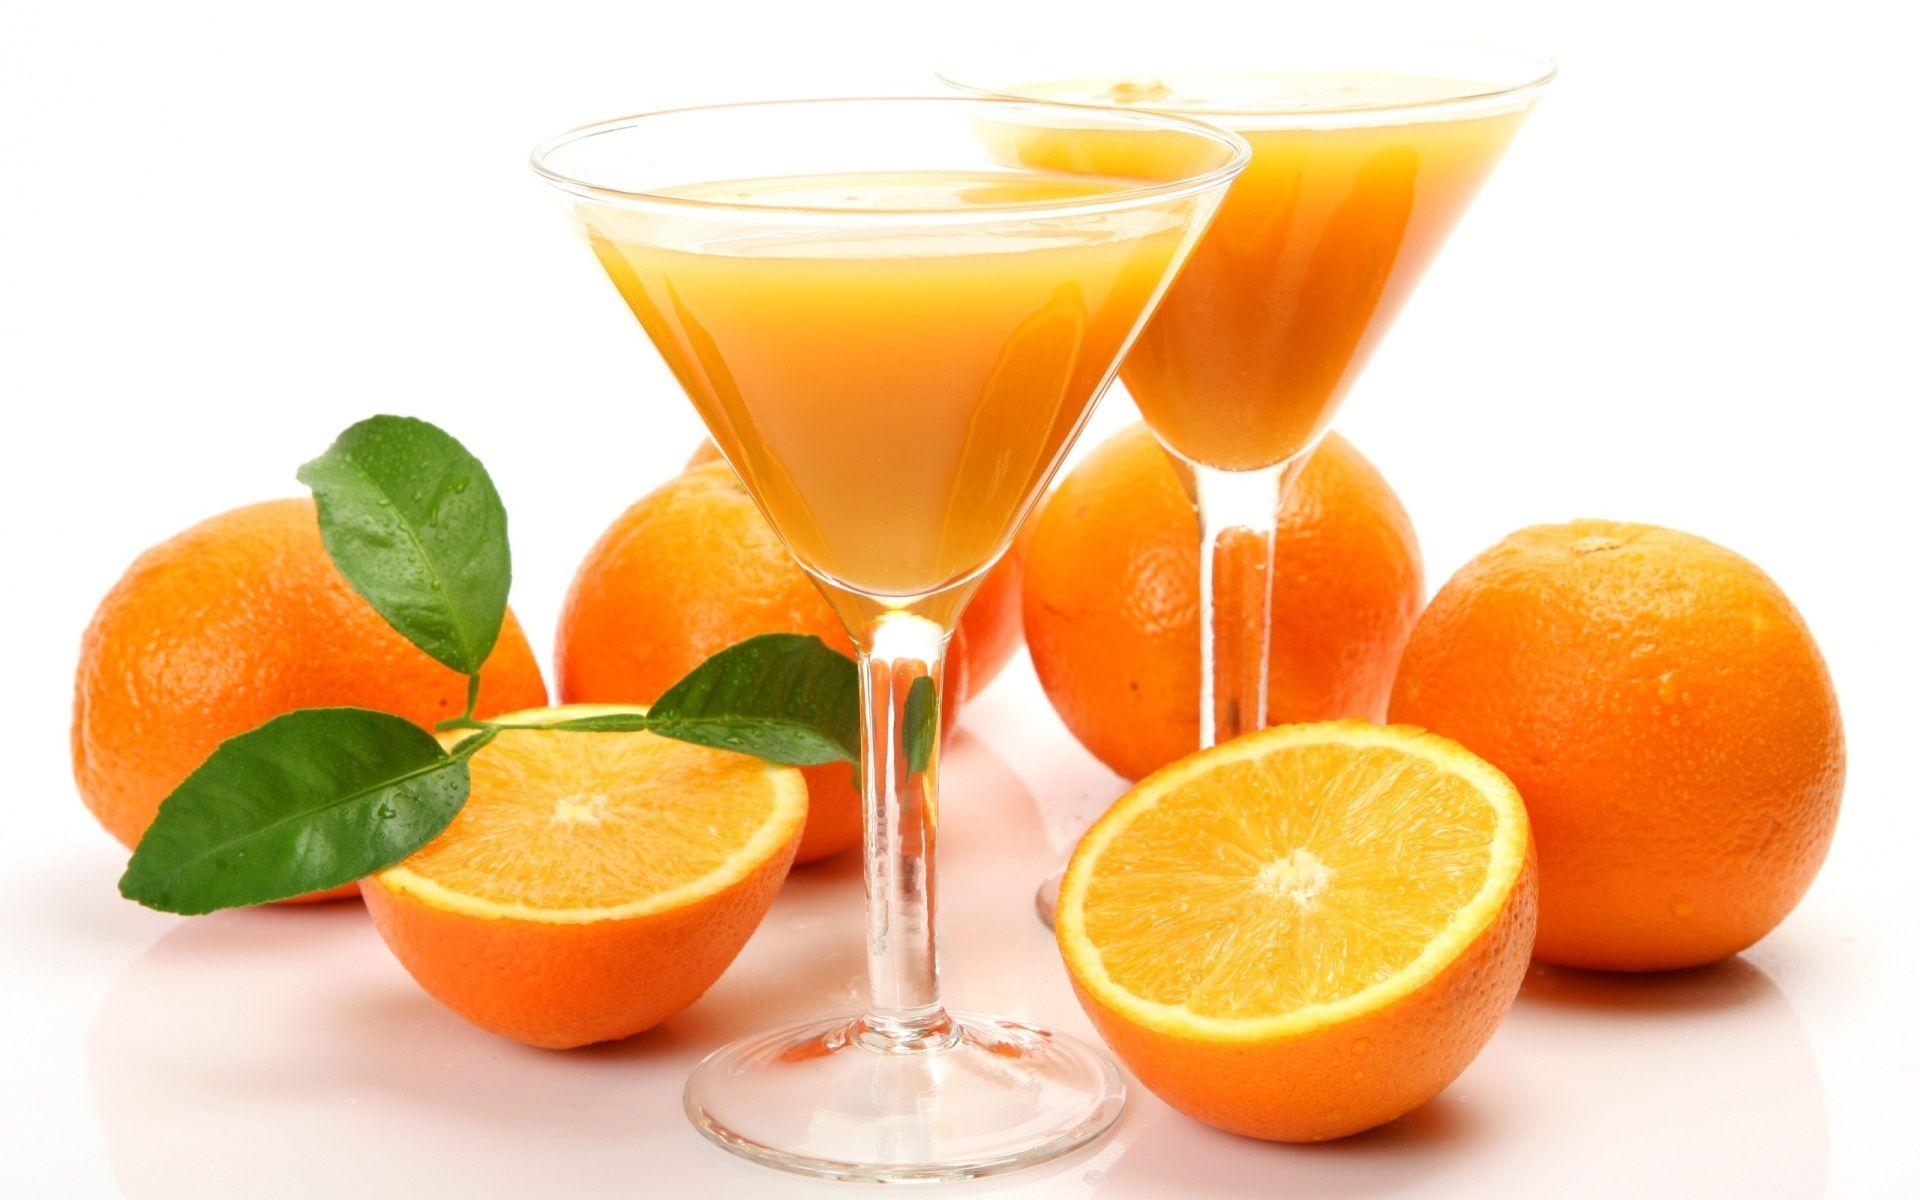 فوائد البرتقال في فصل الشتاء